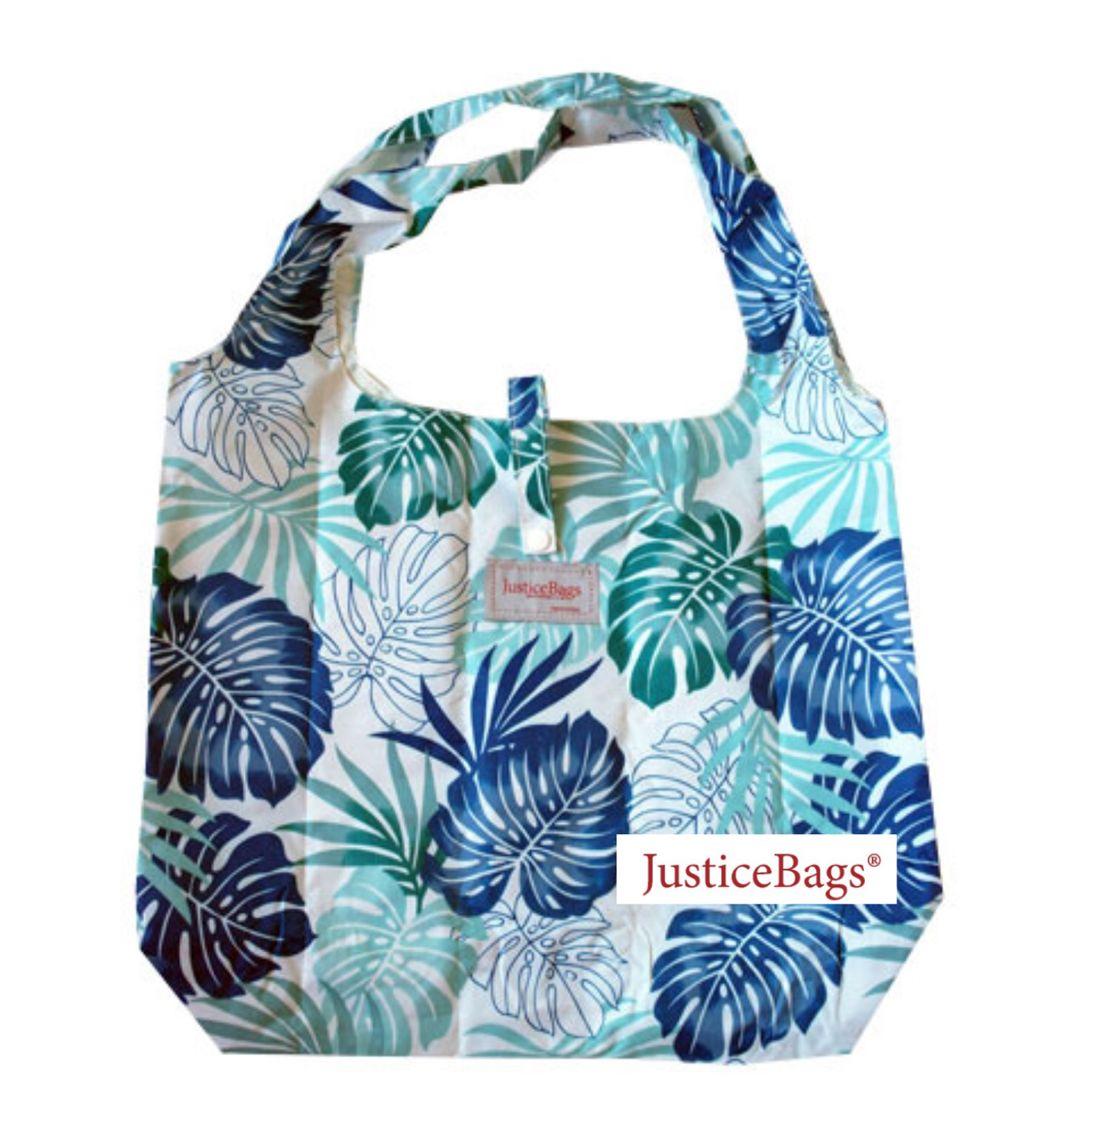 Justice Bags - Xanadu style in blue. #spring #bag #justicebags